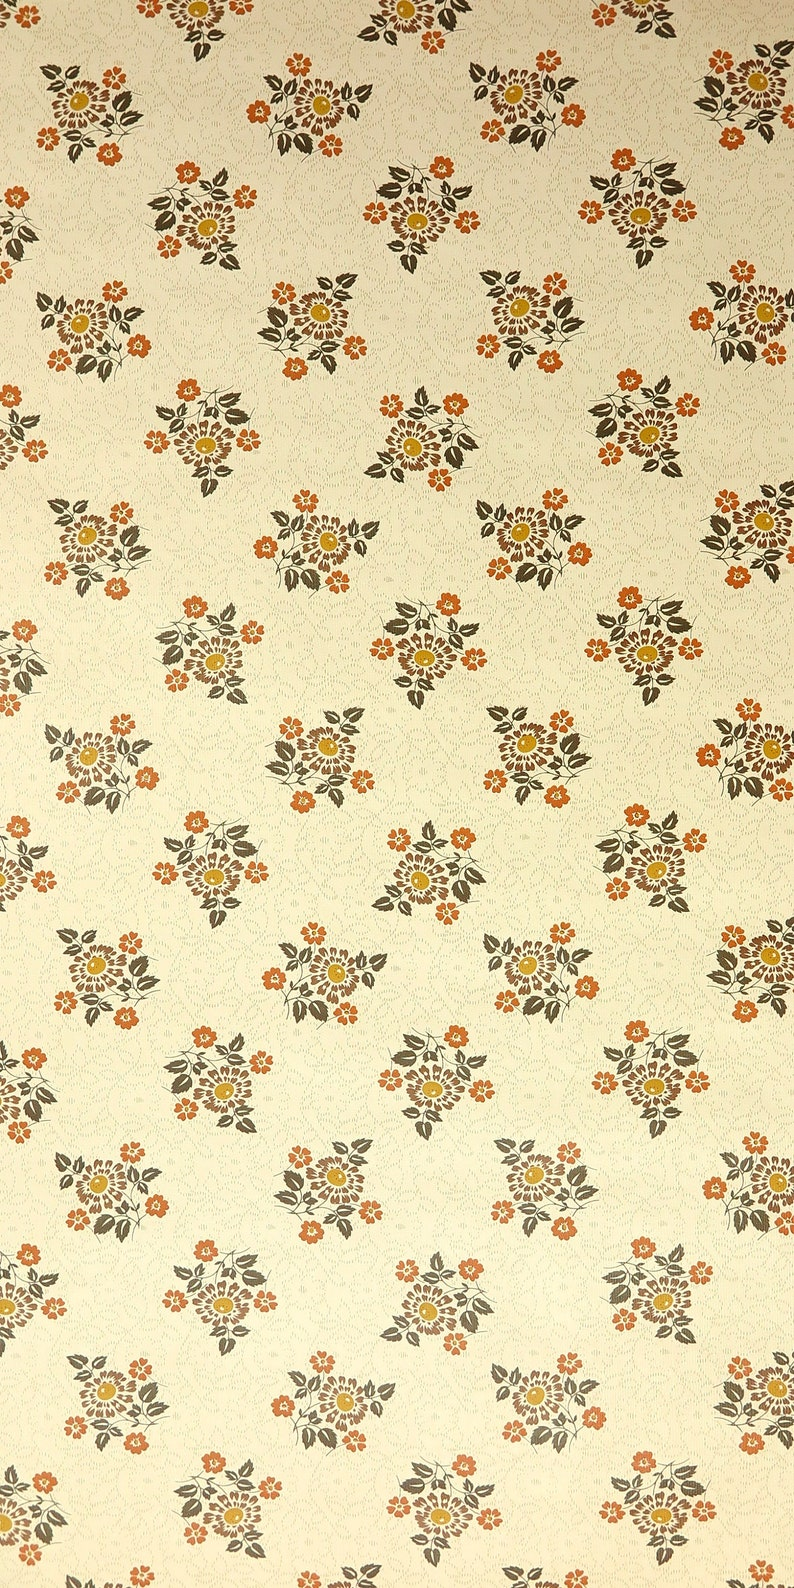 Vintage Wallpaper Nimelupe per meter